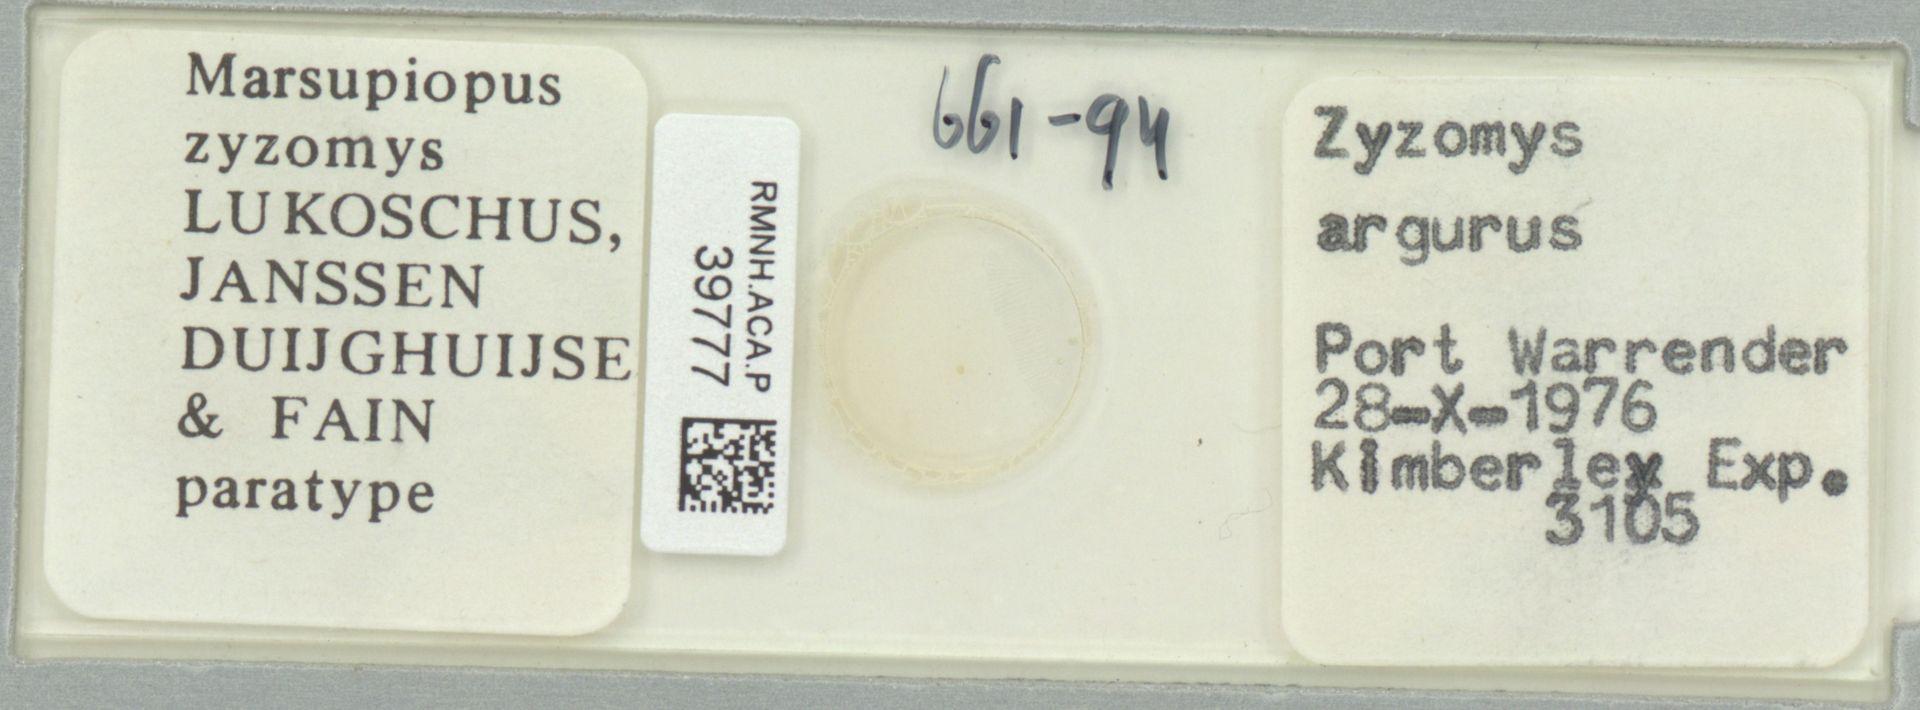 RMNH.ACA.P.39777 | Marsupiopus zyzomys Lukoschus, Janssen Duijghuijzen & Fain